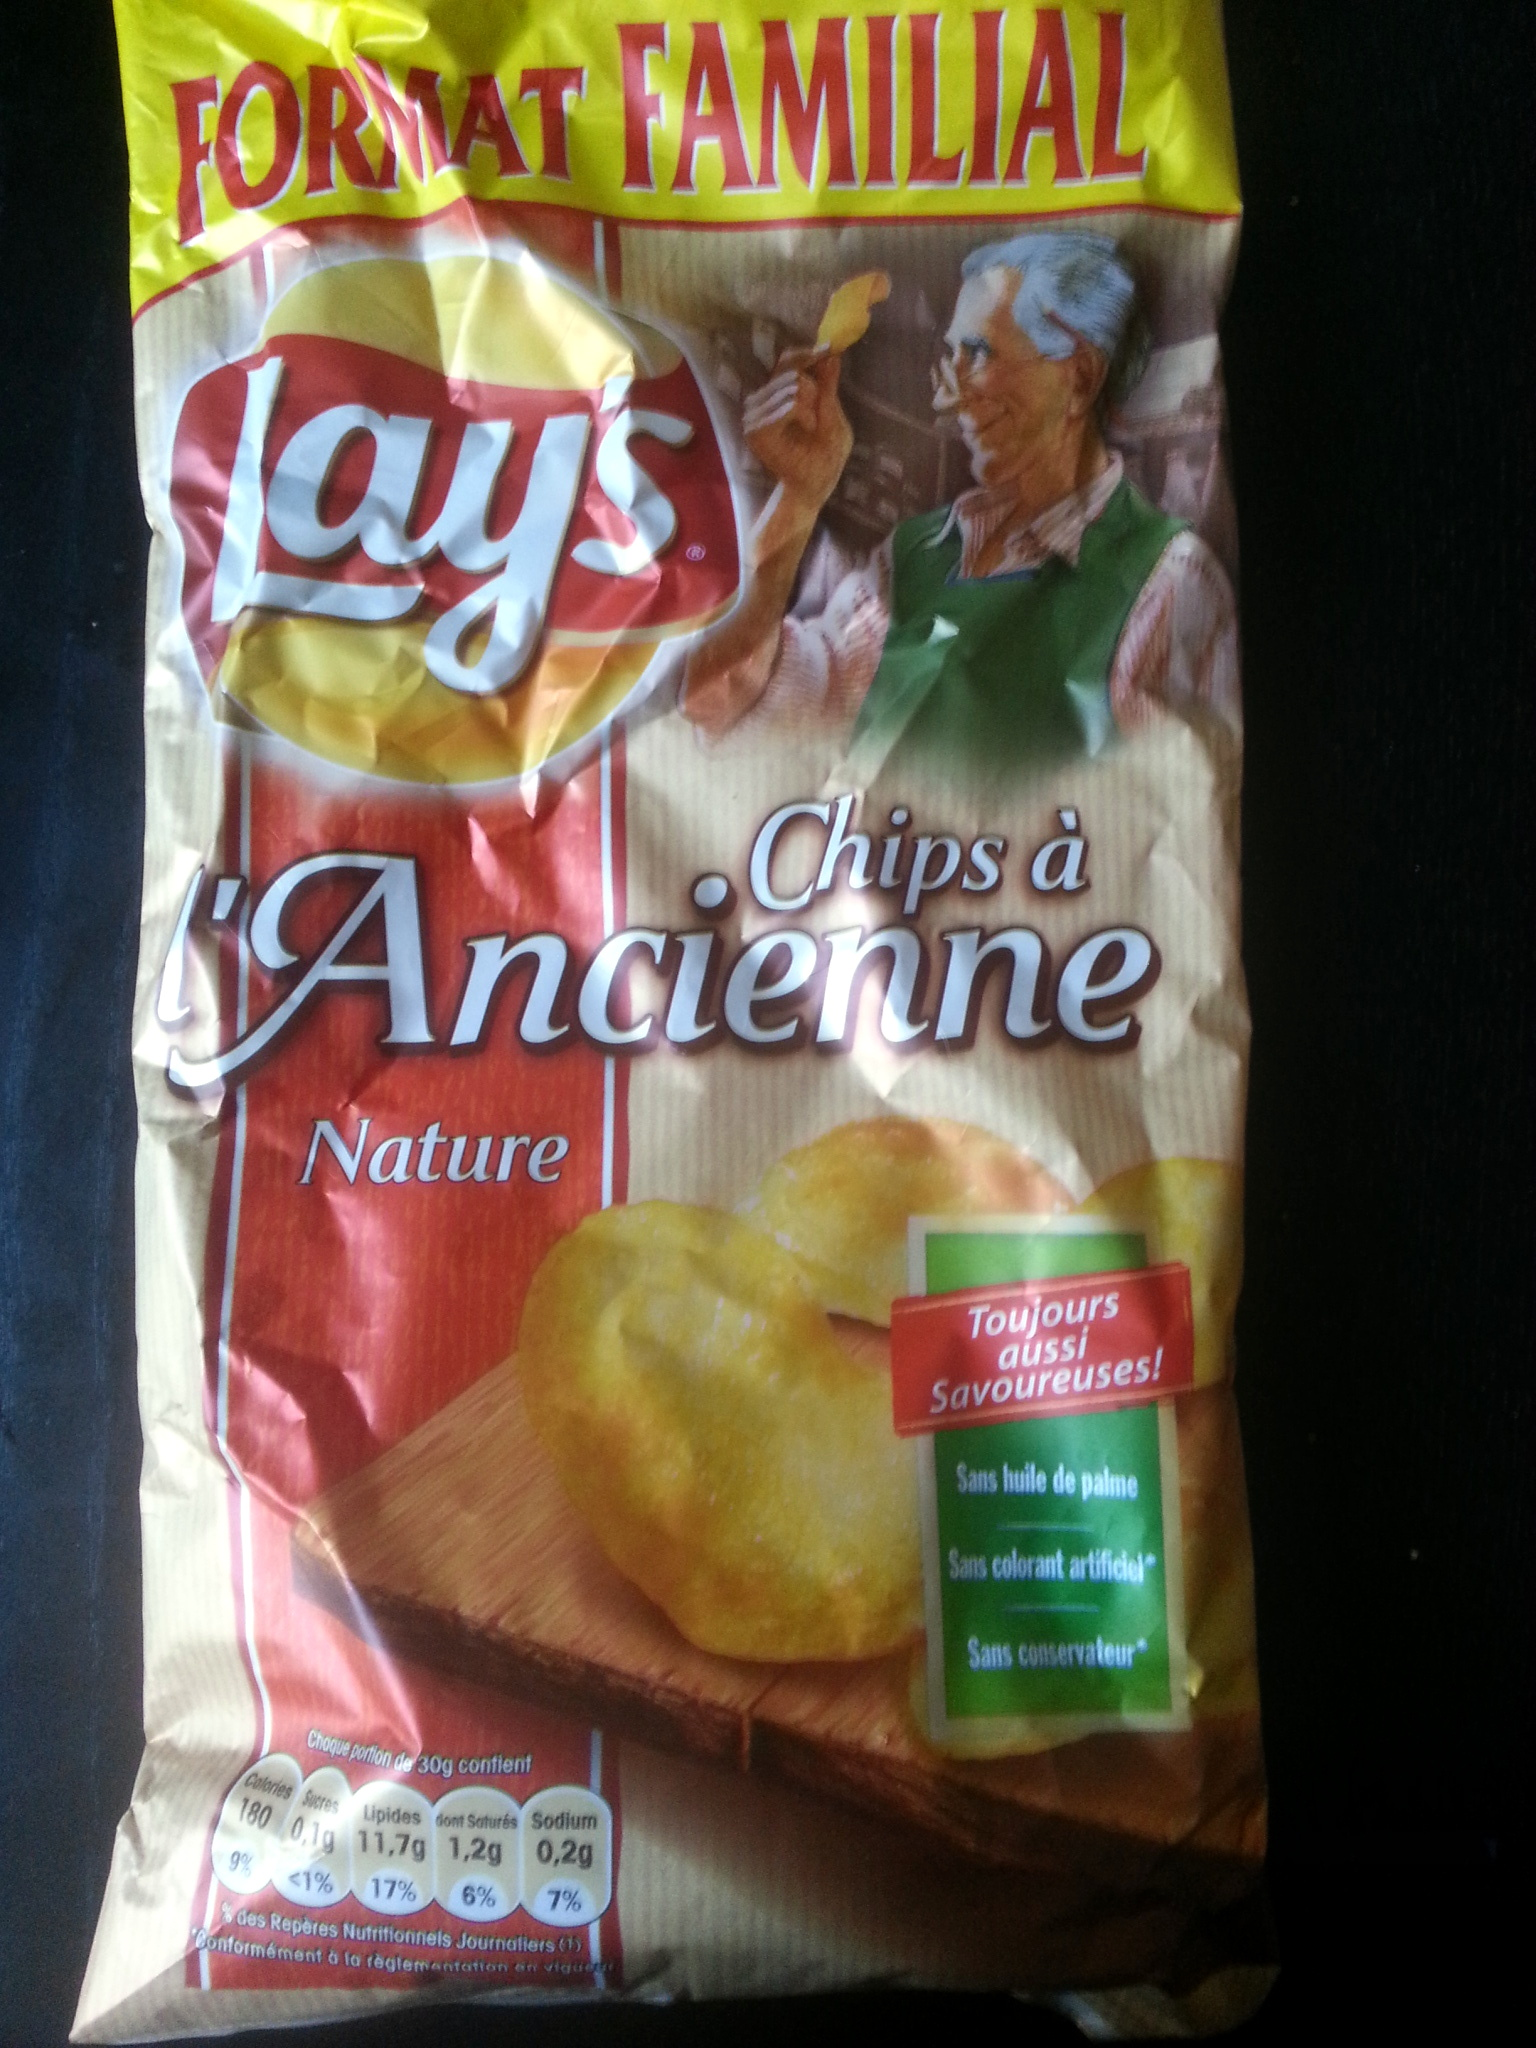 Chips à l'ancienne Nature (format familial) - Produit - fr